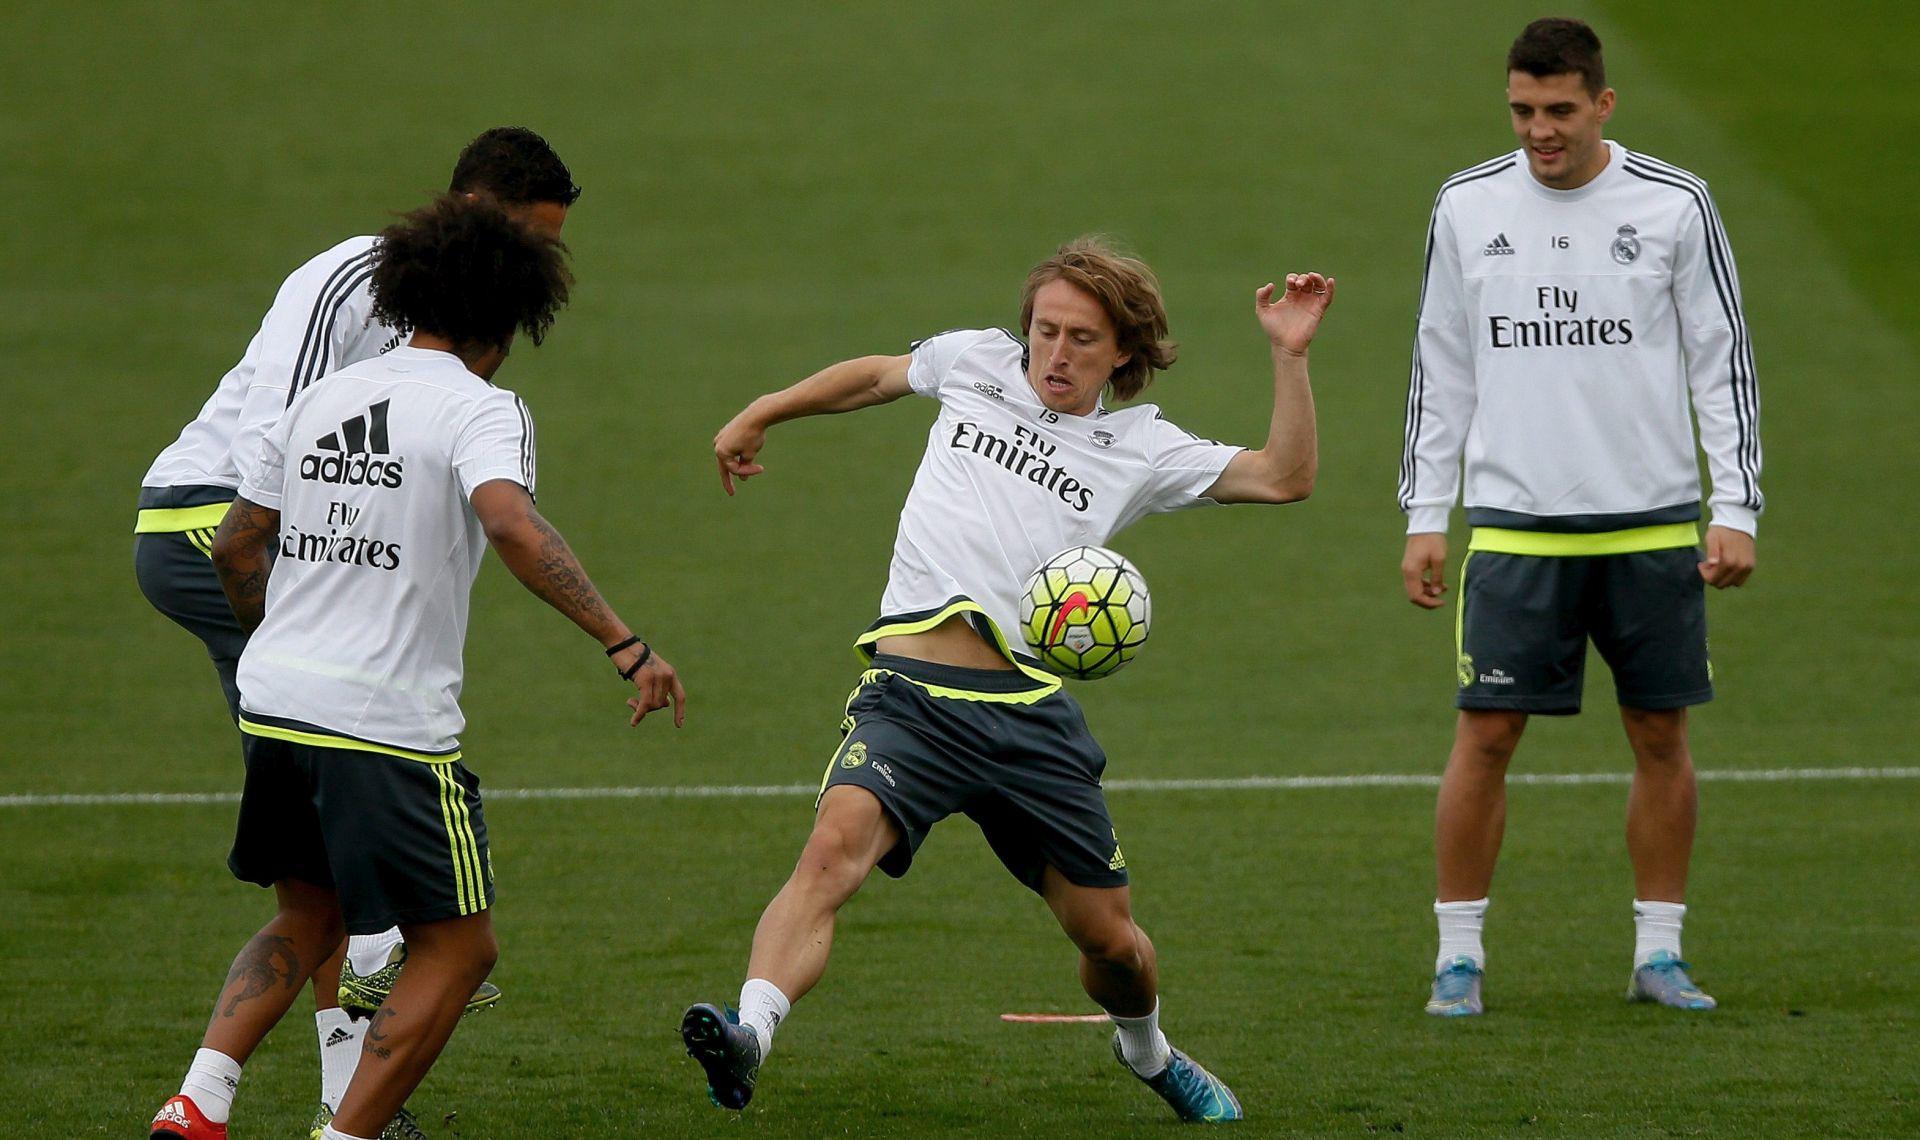 REAL MADRID Spremni za subotu? Luka Modrić i Mateo Kovačić normalno trenirali